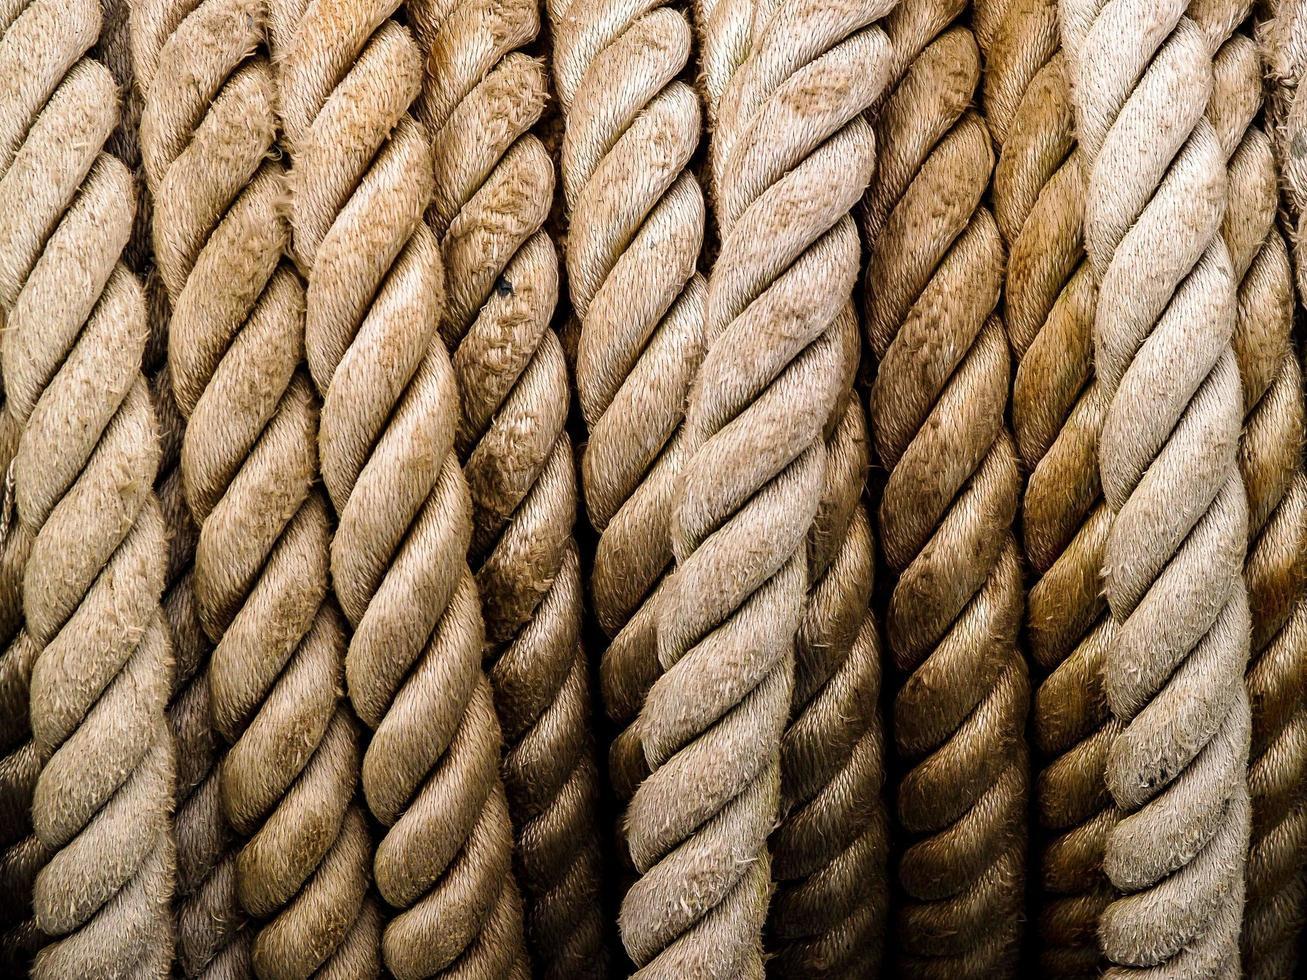 filas de cuerda marrón foto